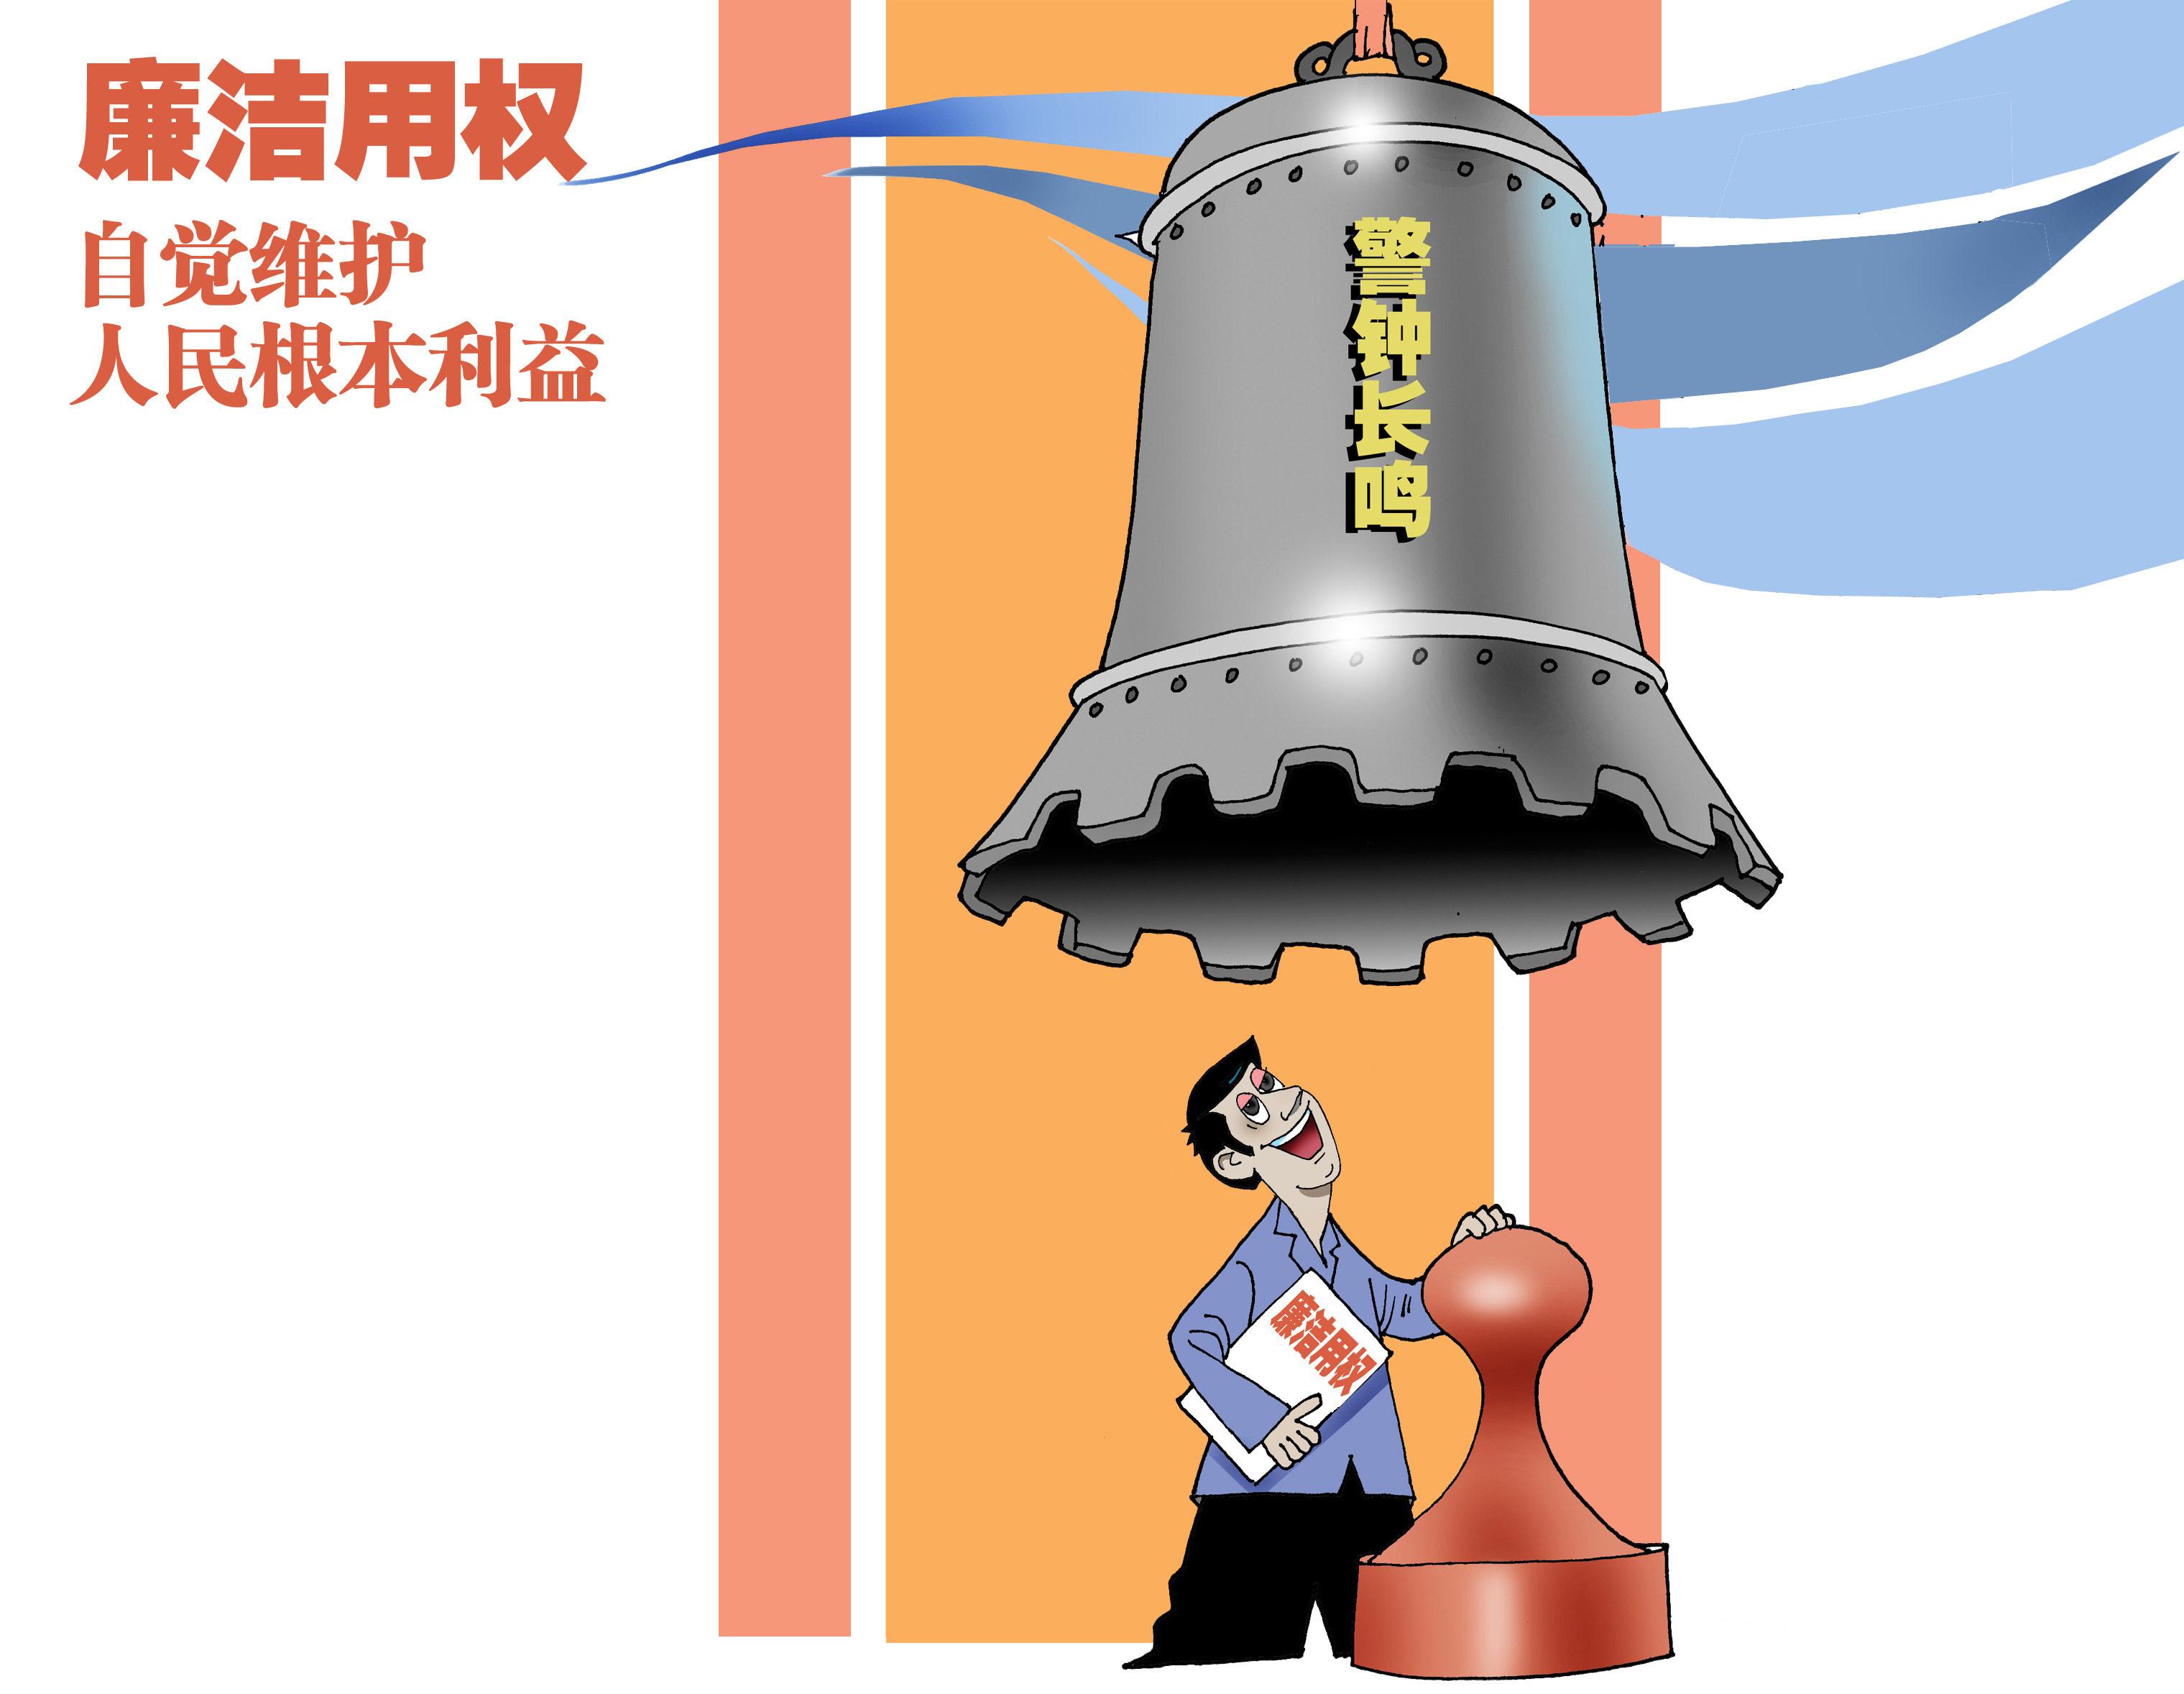 圳推出漫画图解 诠释《中国共产党廉洁自律准